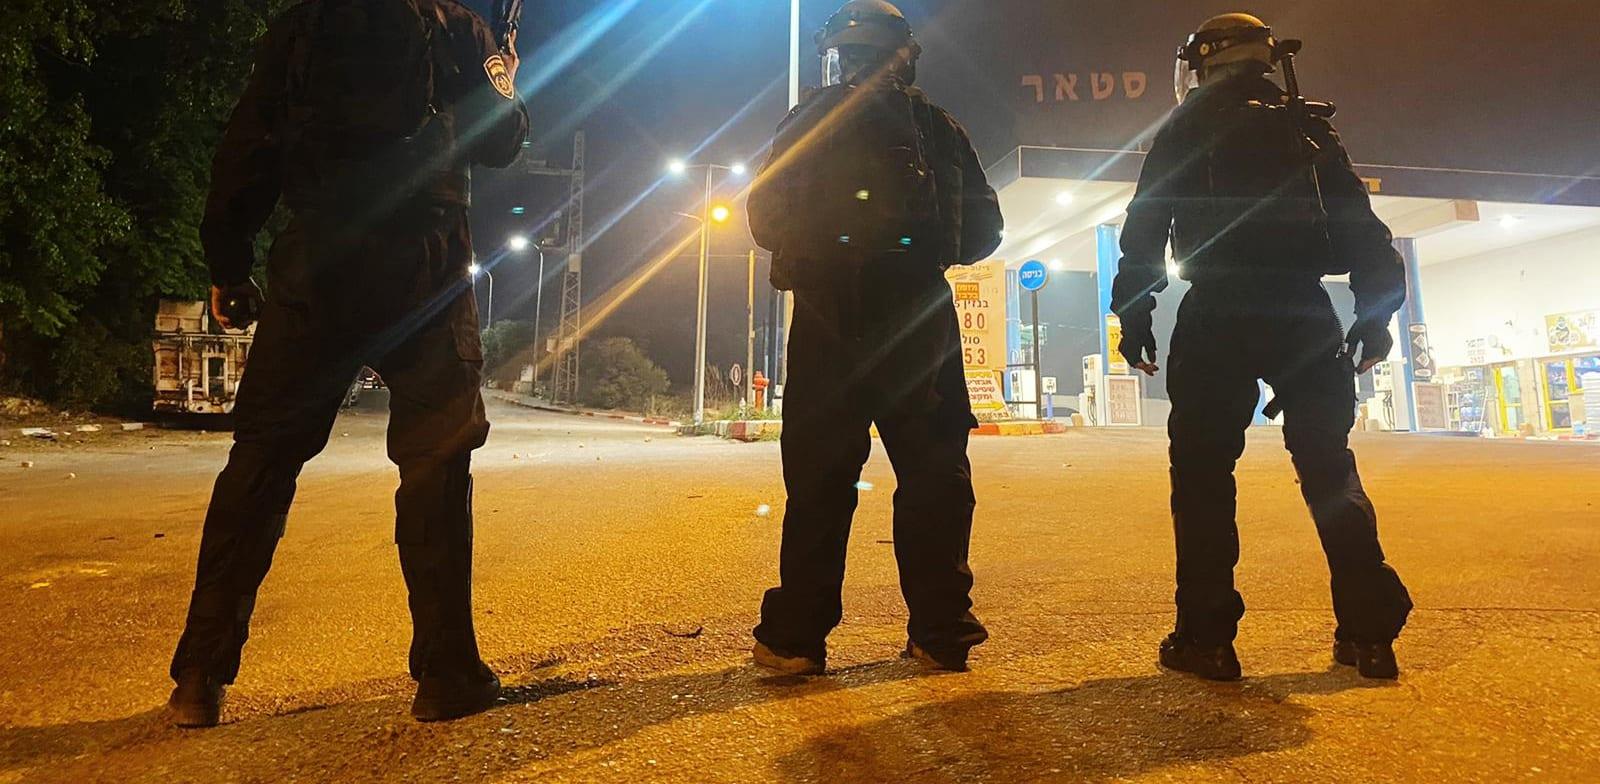 שוטרים נפרסים בעקבות התפרעויות ברחבי הארץ / צילום: דוברות המשטרה